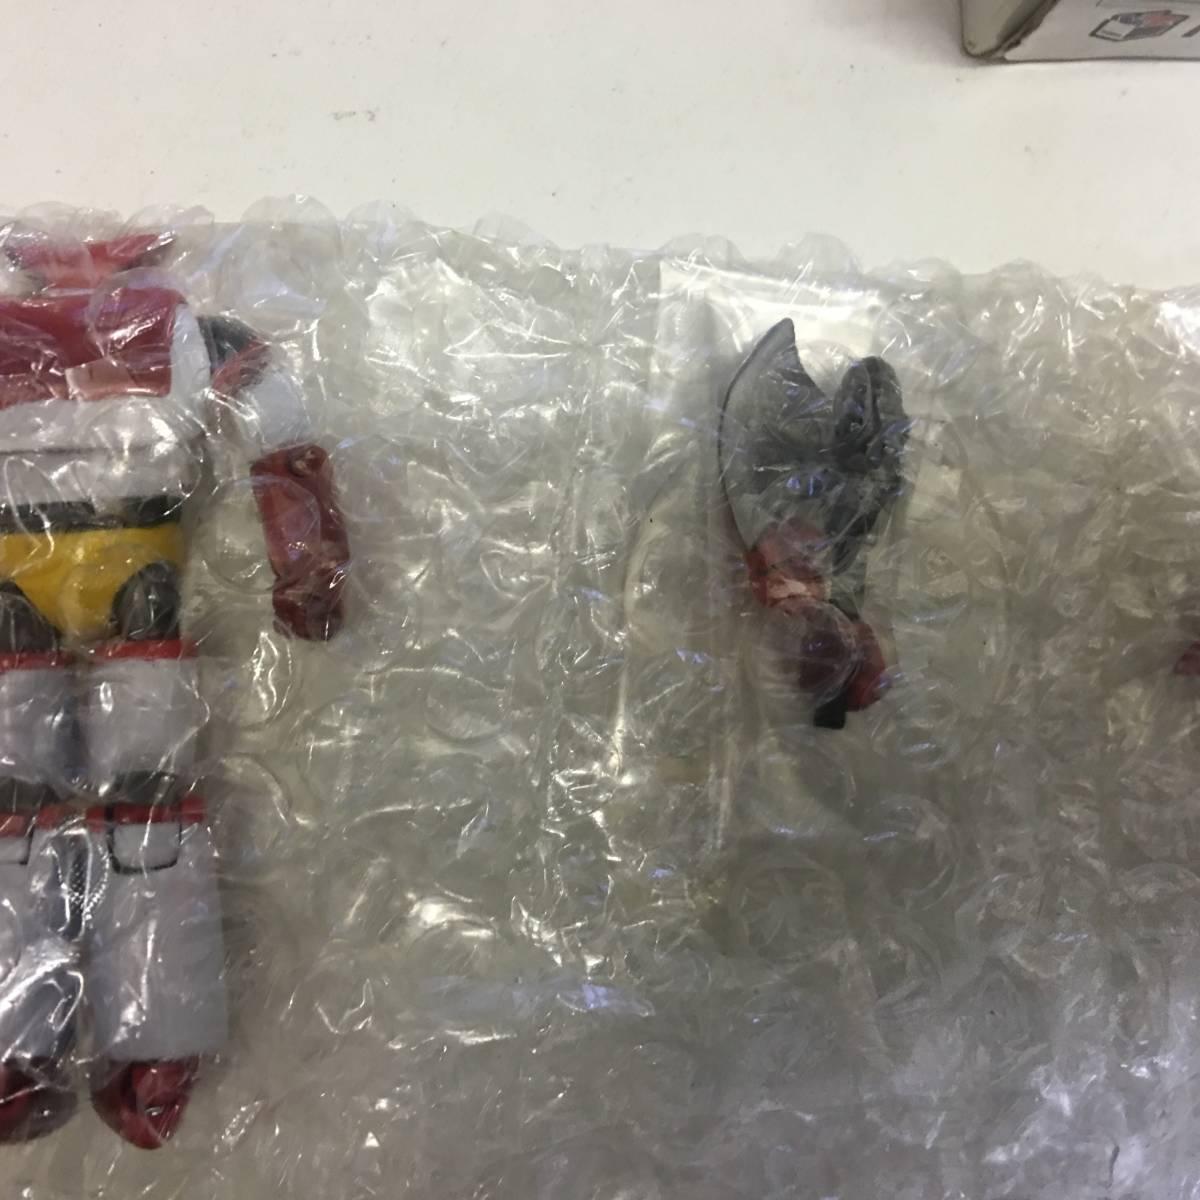 即決 未使用品 タカラ K・Tフィギュアコレクション ダイナミックロボットミュージアム 真ゲッター1 レターパック可能_画像3